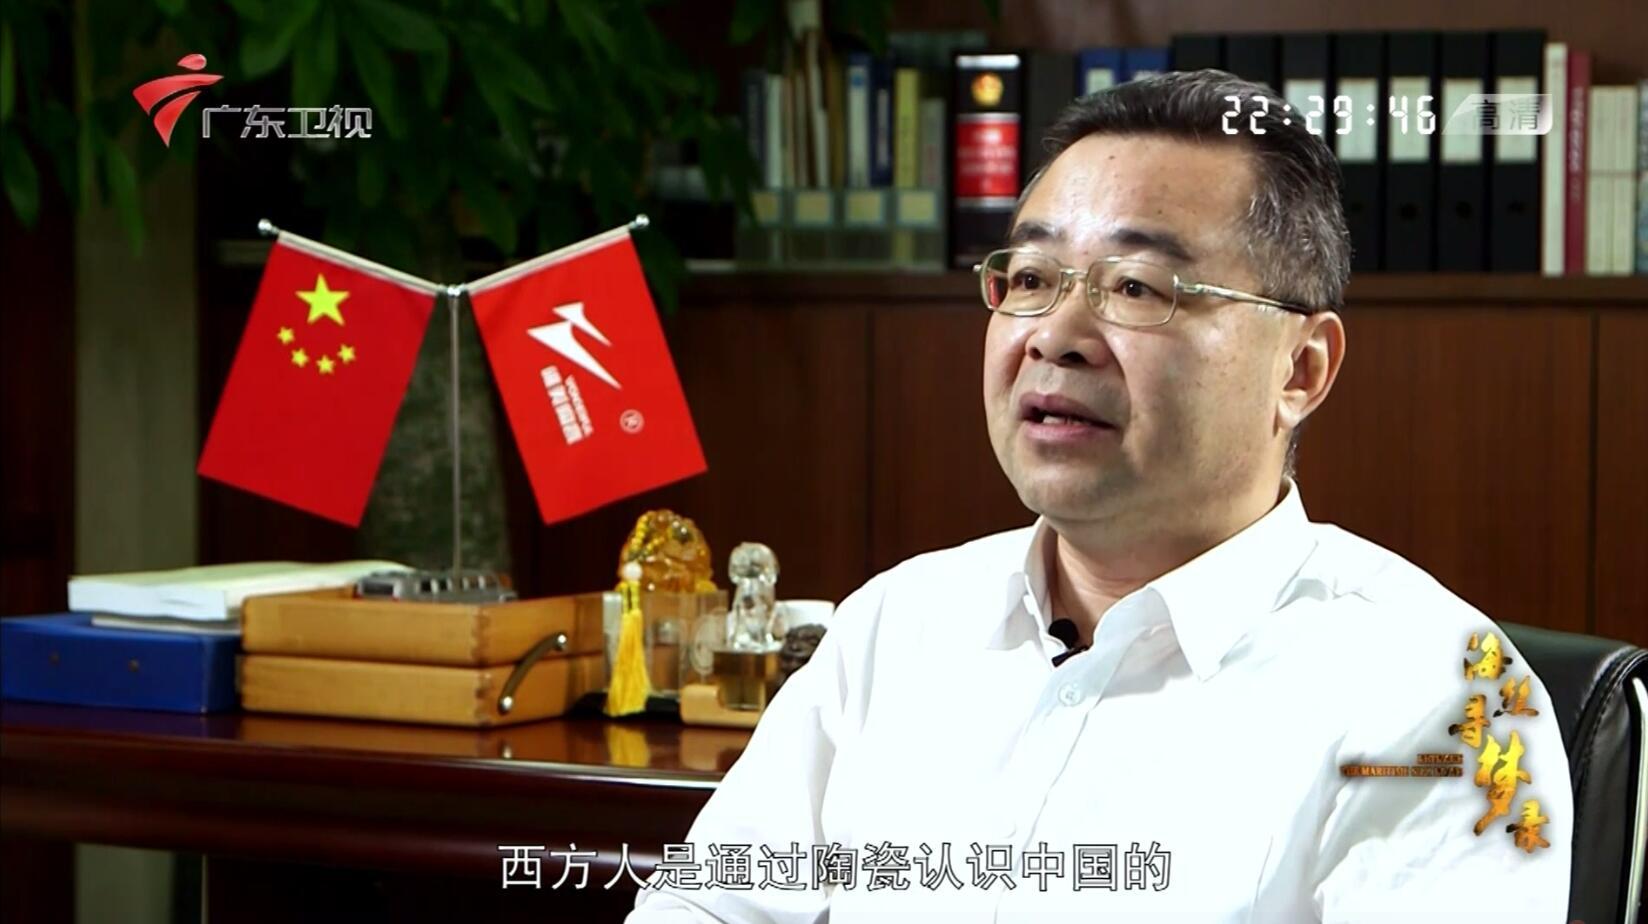 为中国陶瓷发声 马可波罗发布品牌宣传片诠释china is China